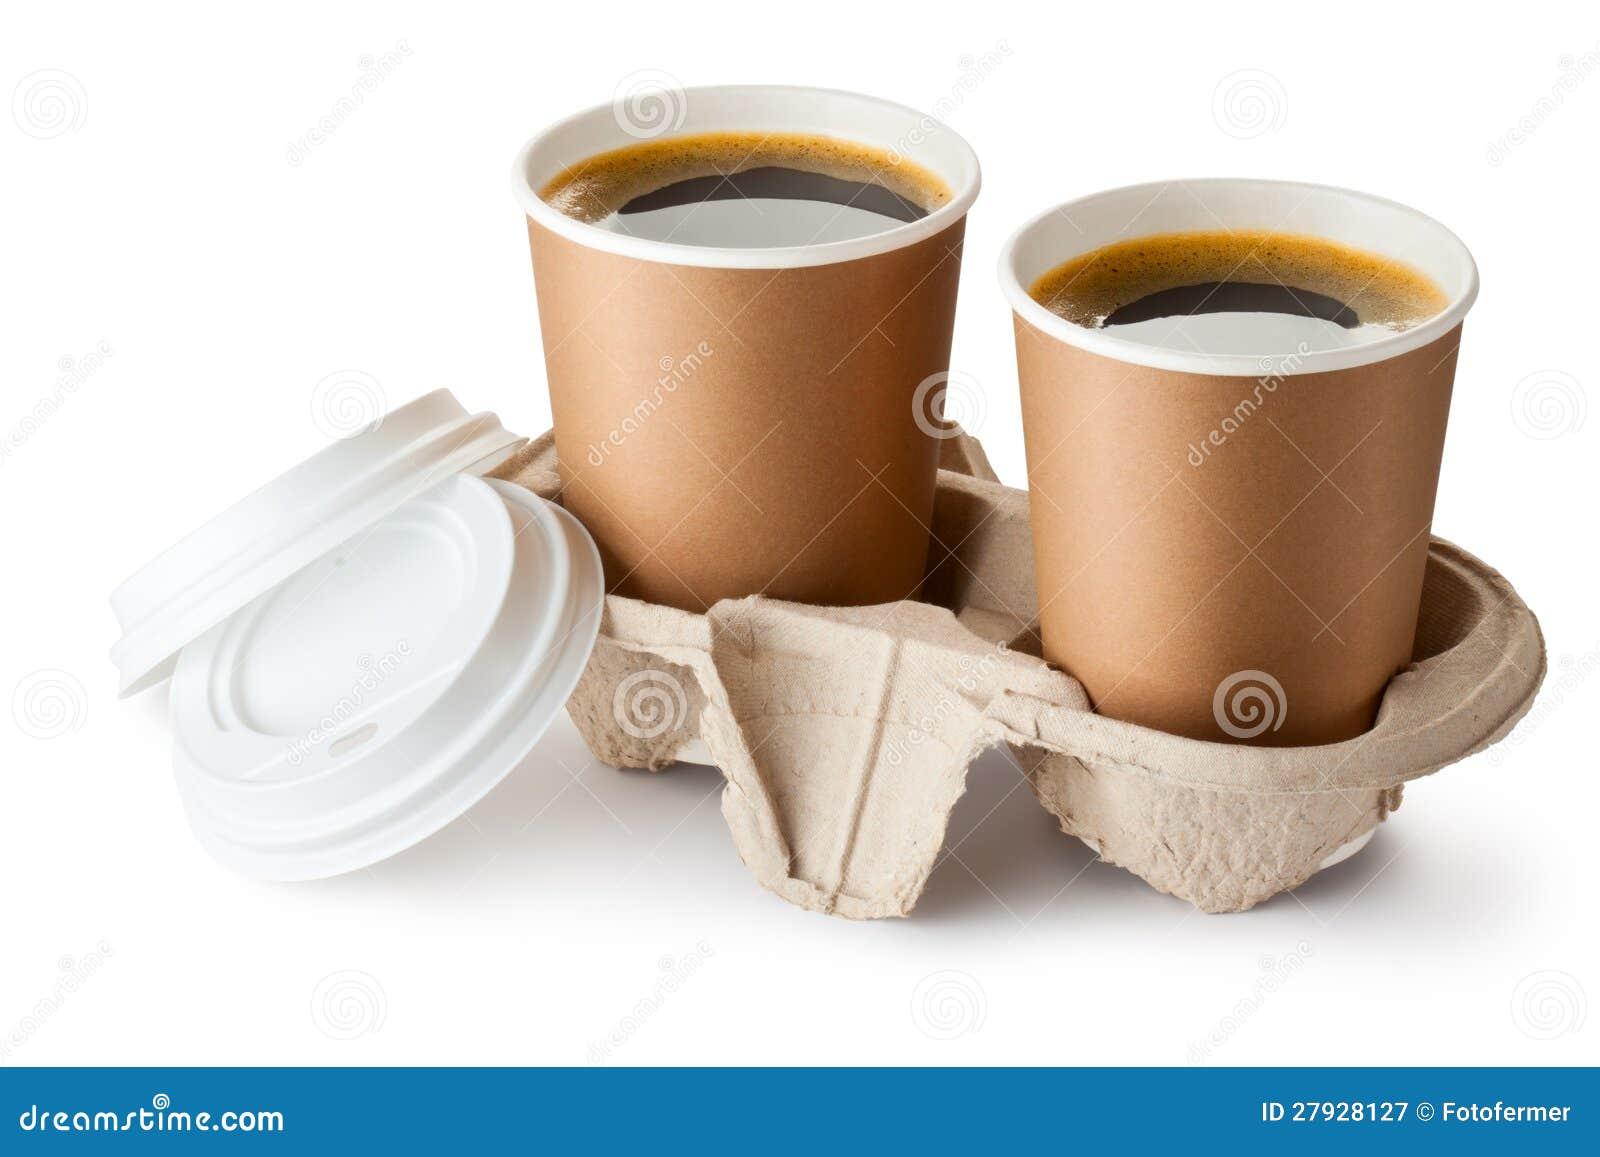 Zwei öffneten take-out Kaffee in der Halterung